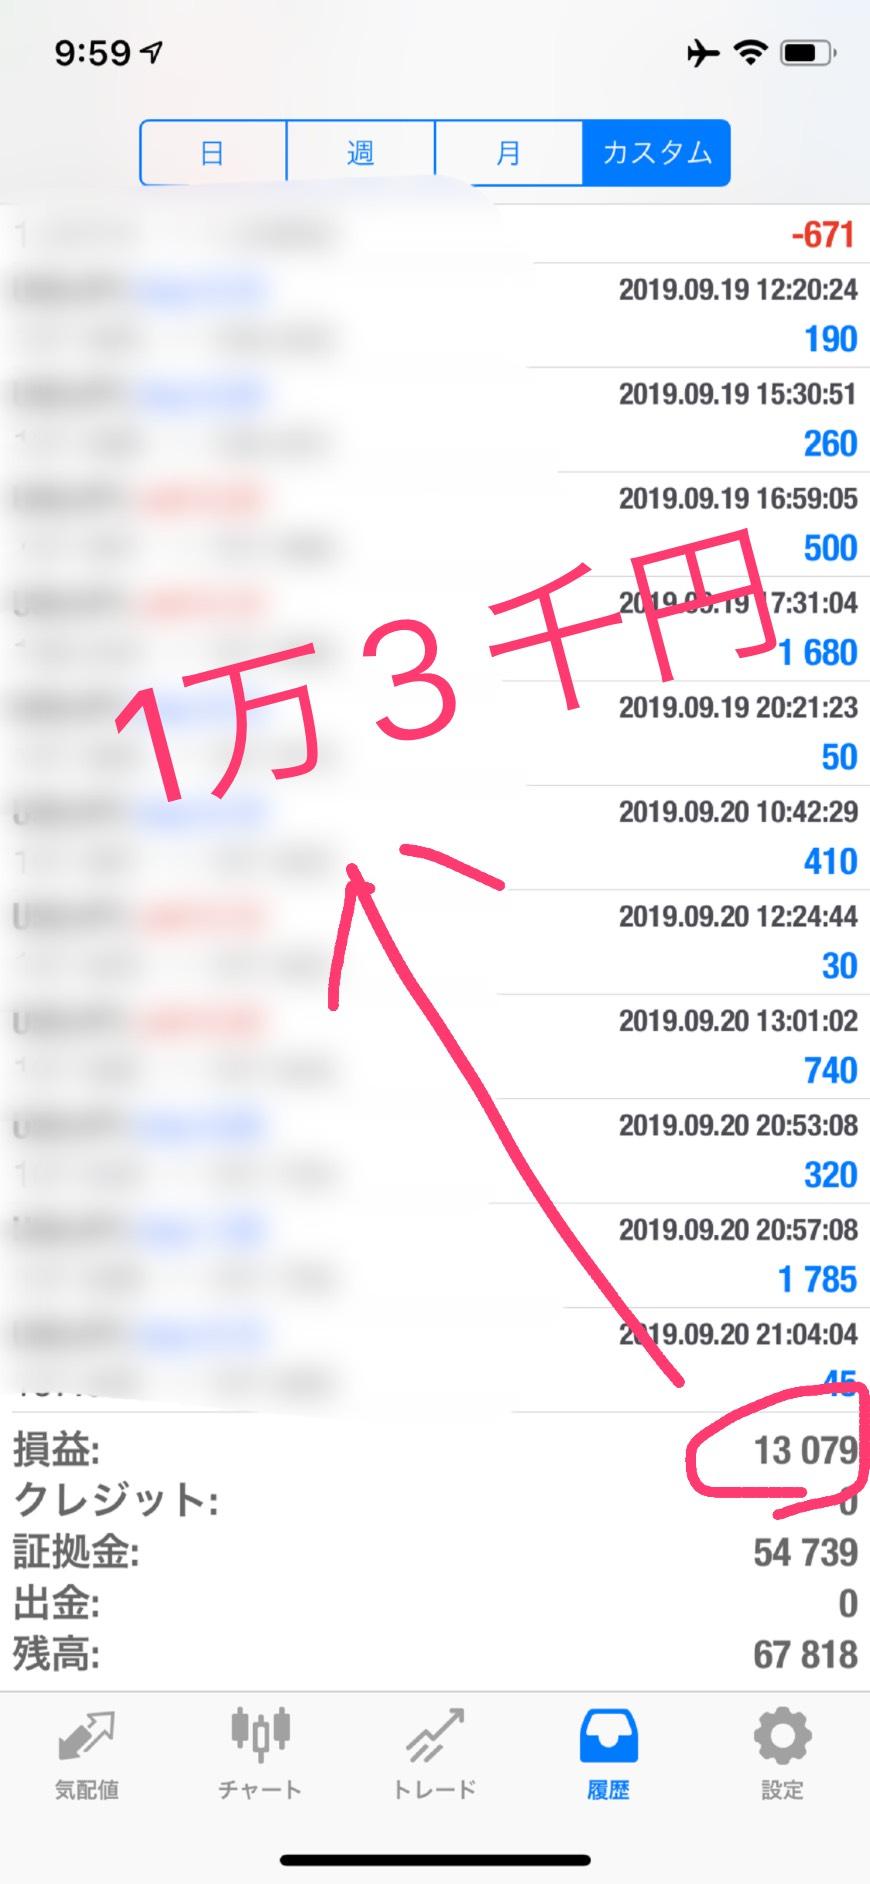 【10万→100万チャレンジ】今週は失敗しました〜